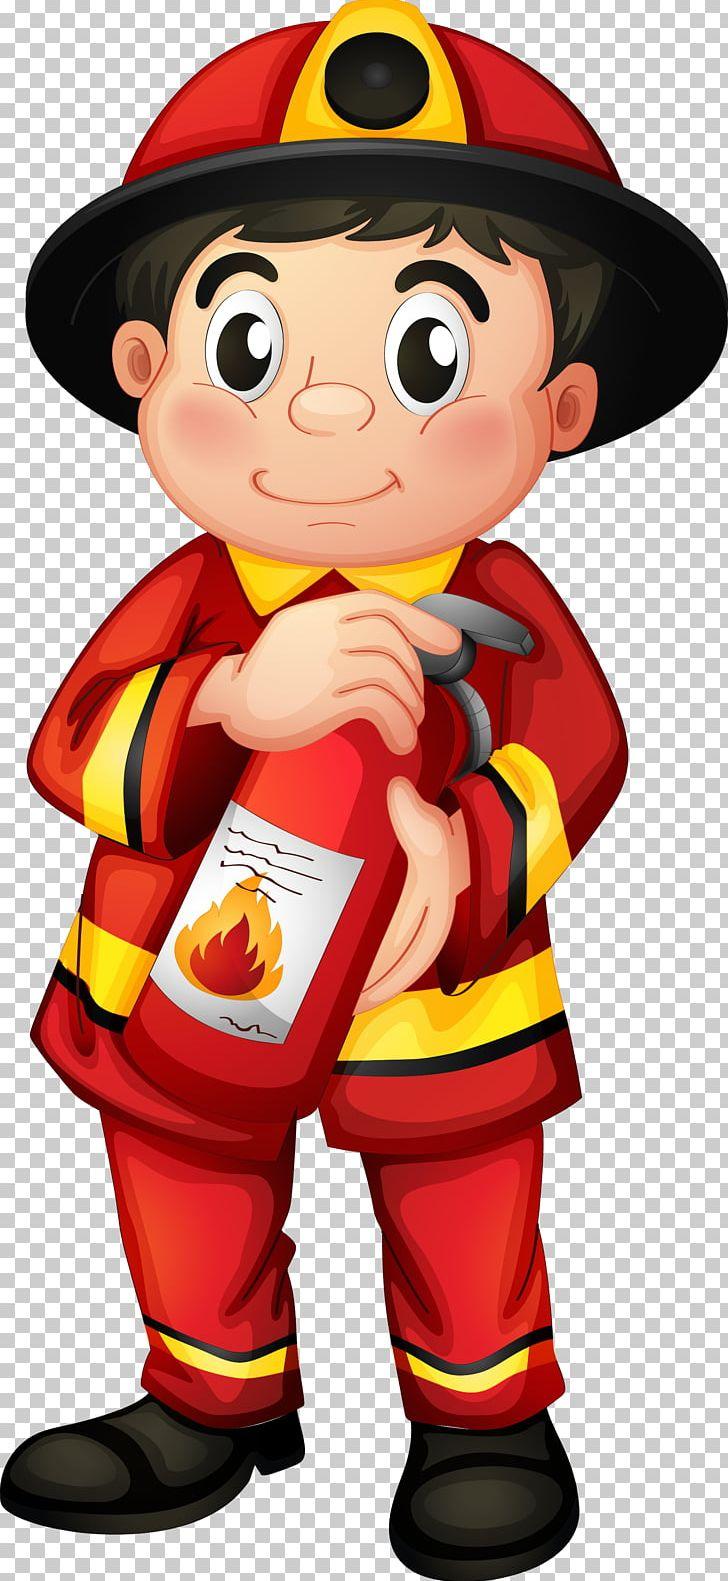 hight resolution of fire department fire station firefighter fire engine png clipart art boy cartoon clip art fictional character